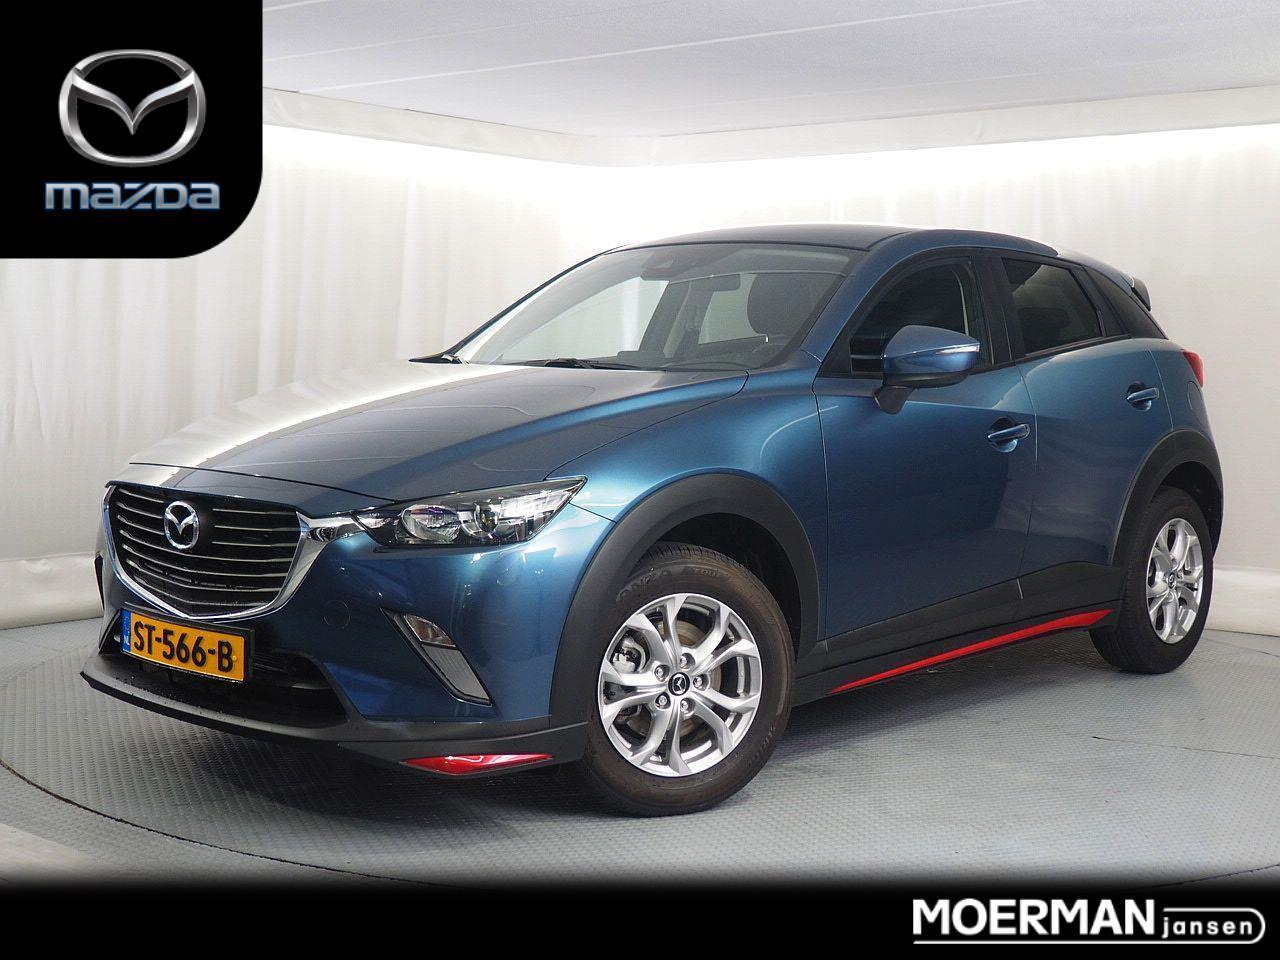 Mazda Cx-3 2.0 sports / 14.000km / automaat / navigatie / fabrieksgarantie